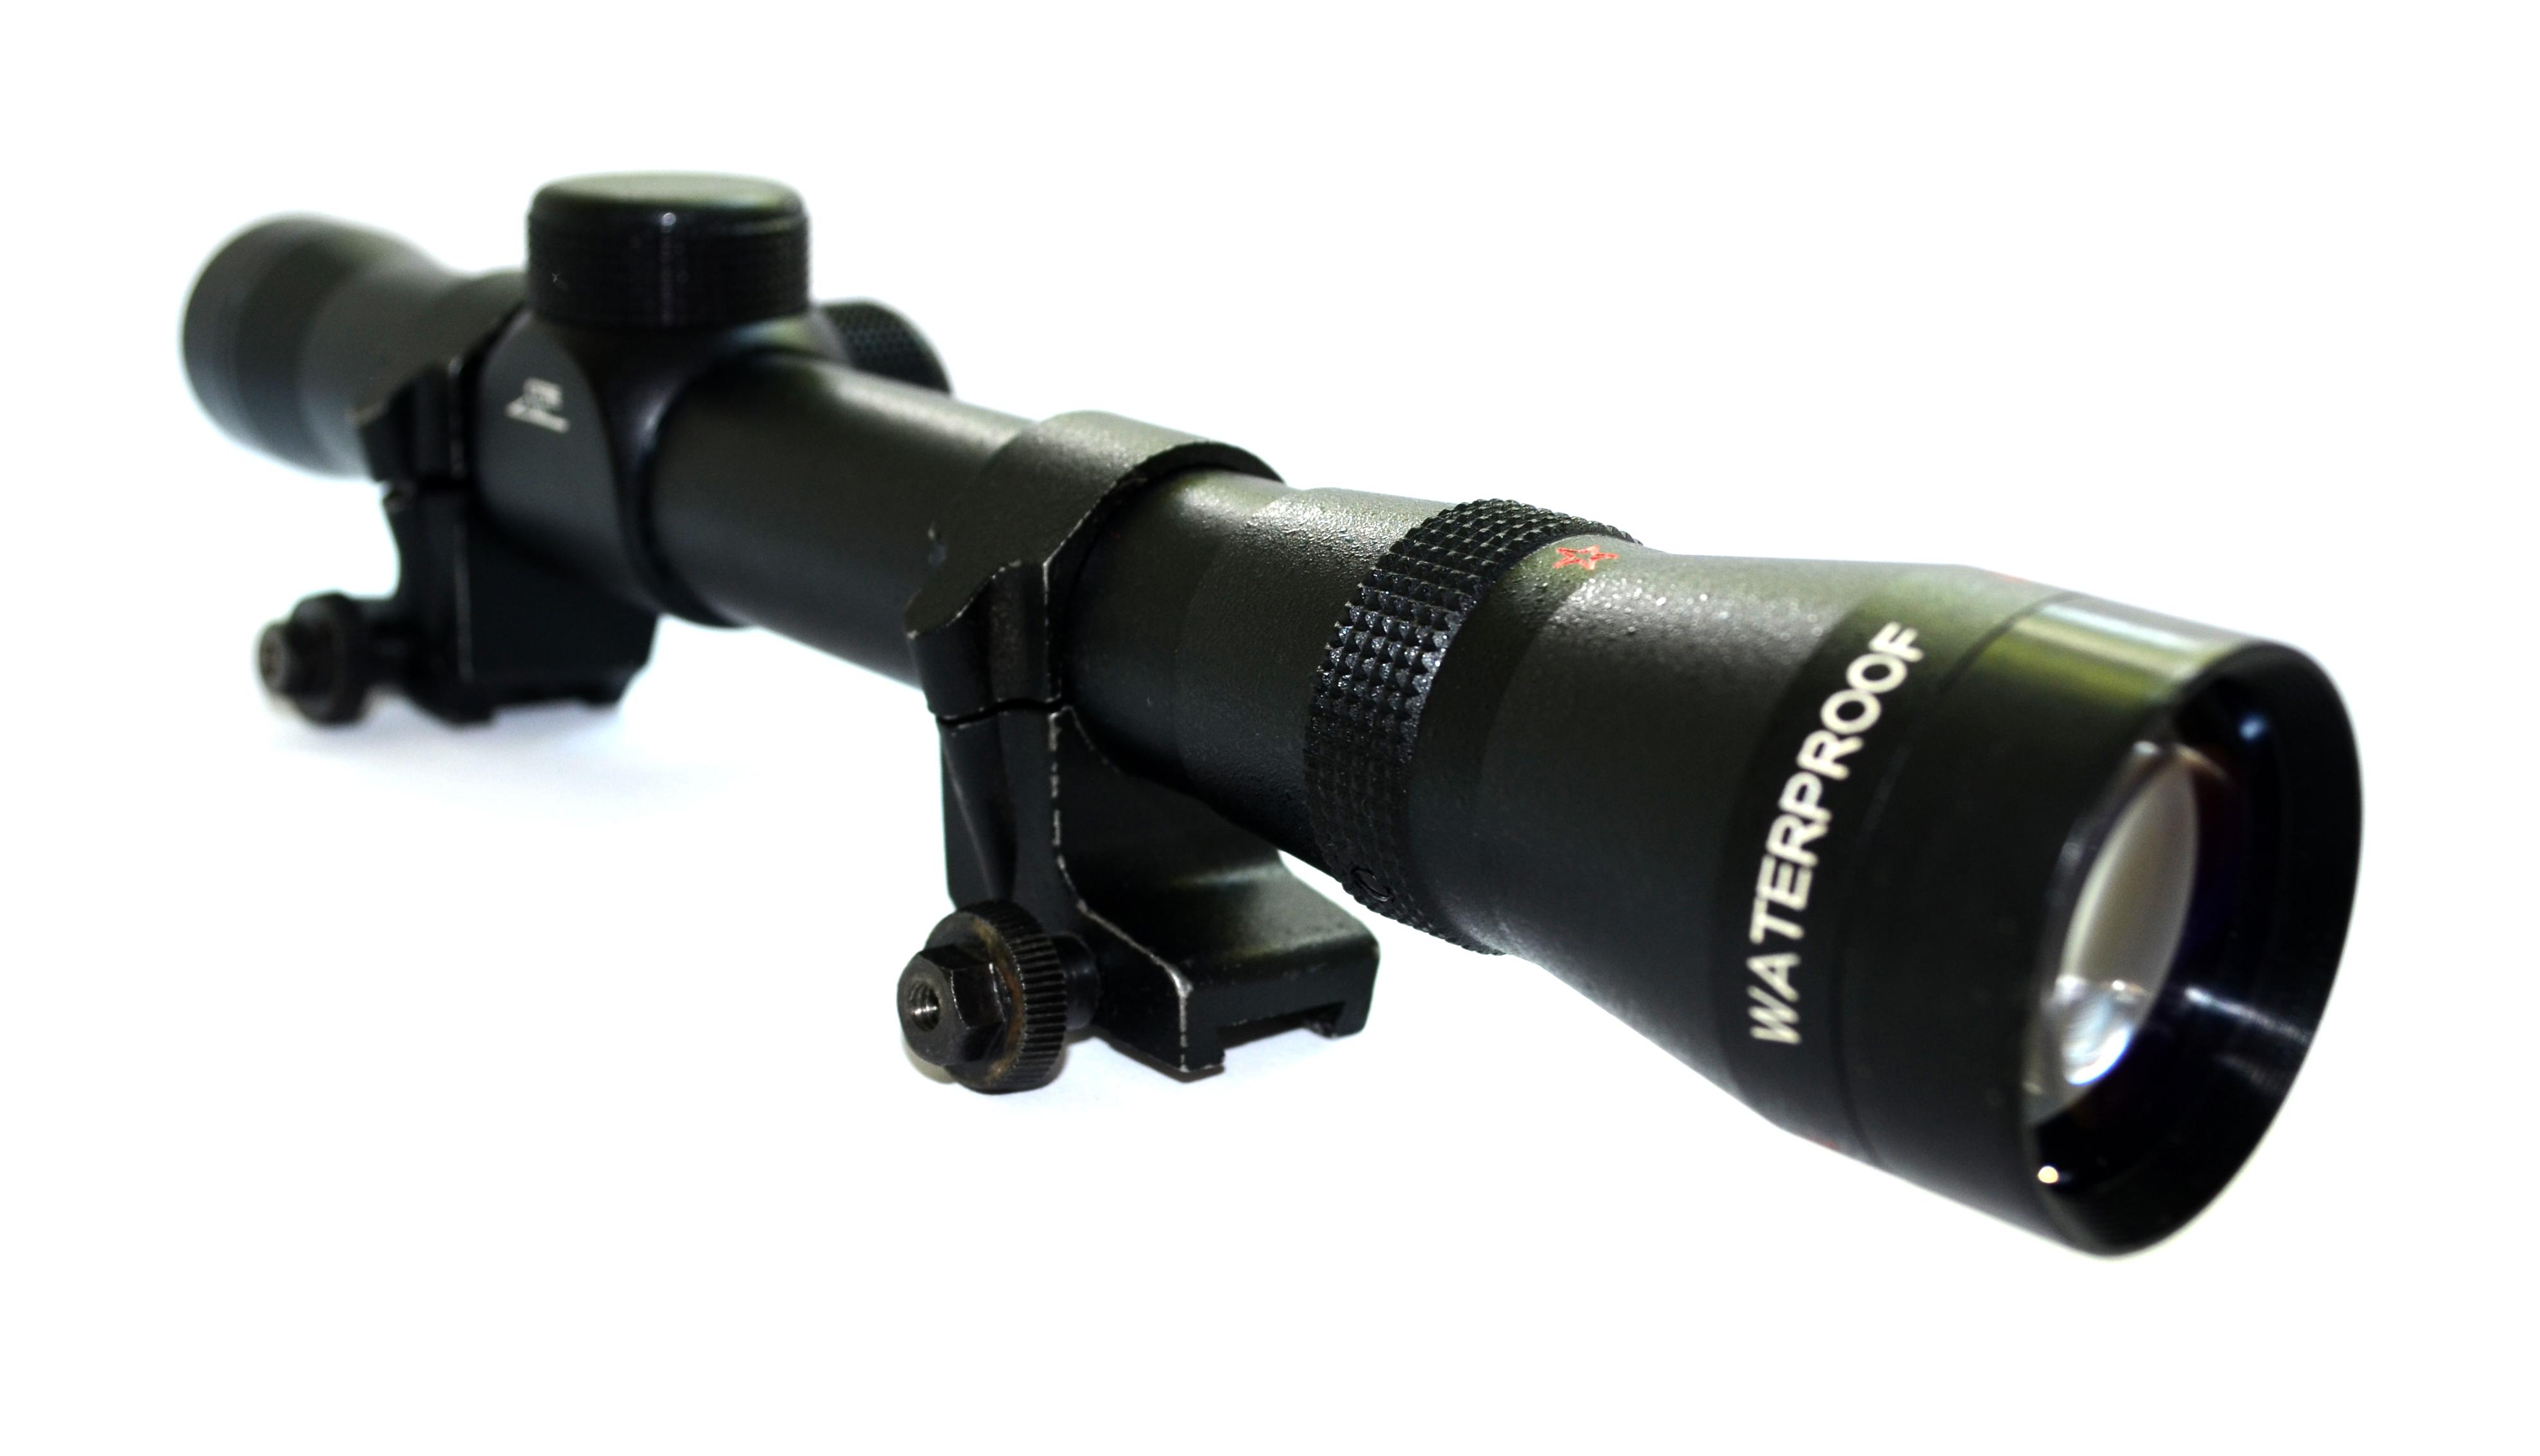 Оптические прицелы компании Bushnell – высокотехнологичные устройства премиум-класса